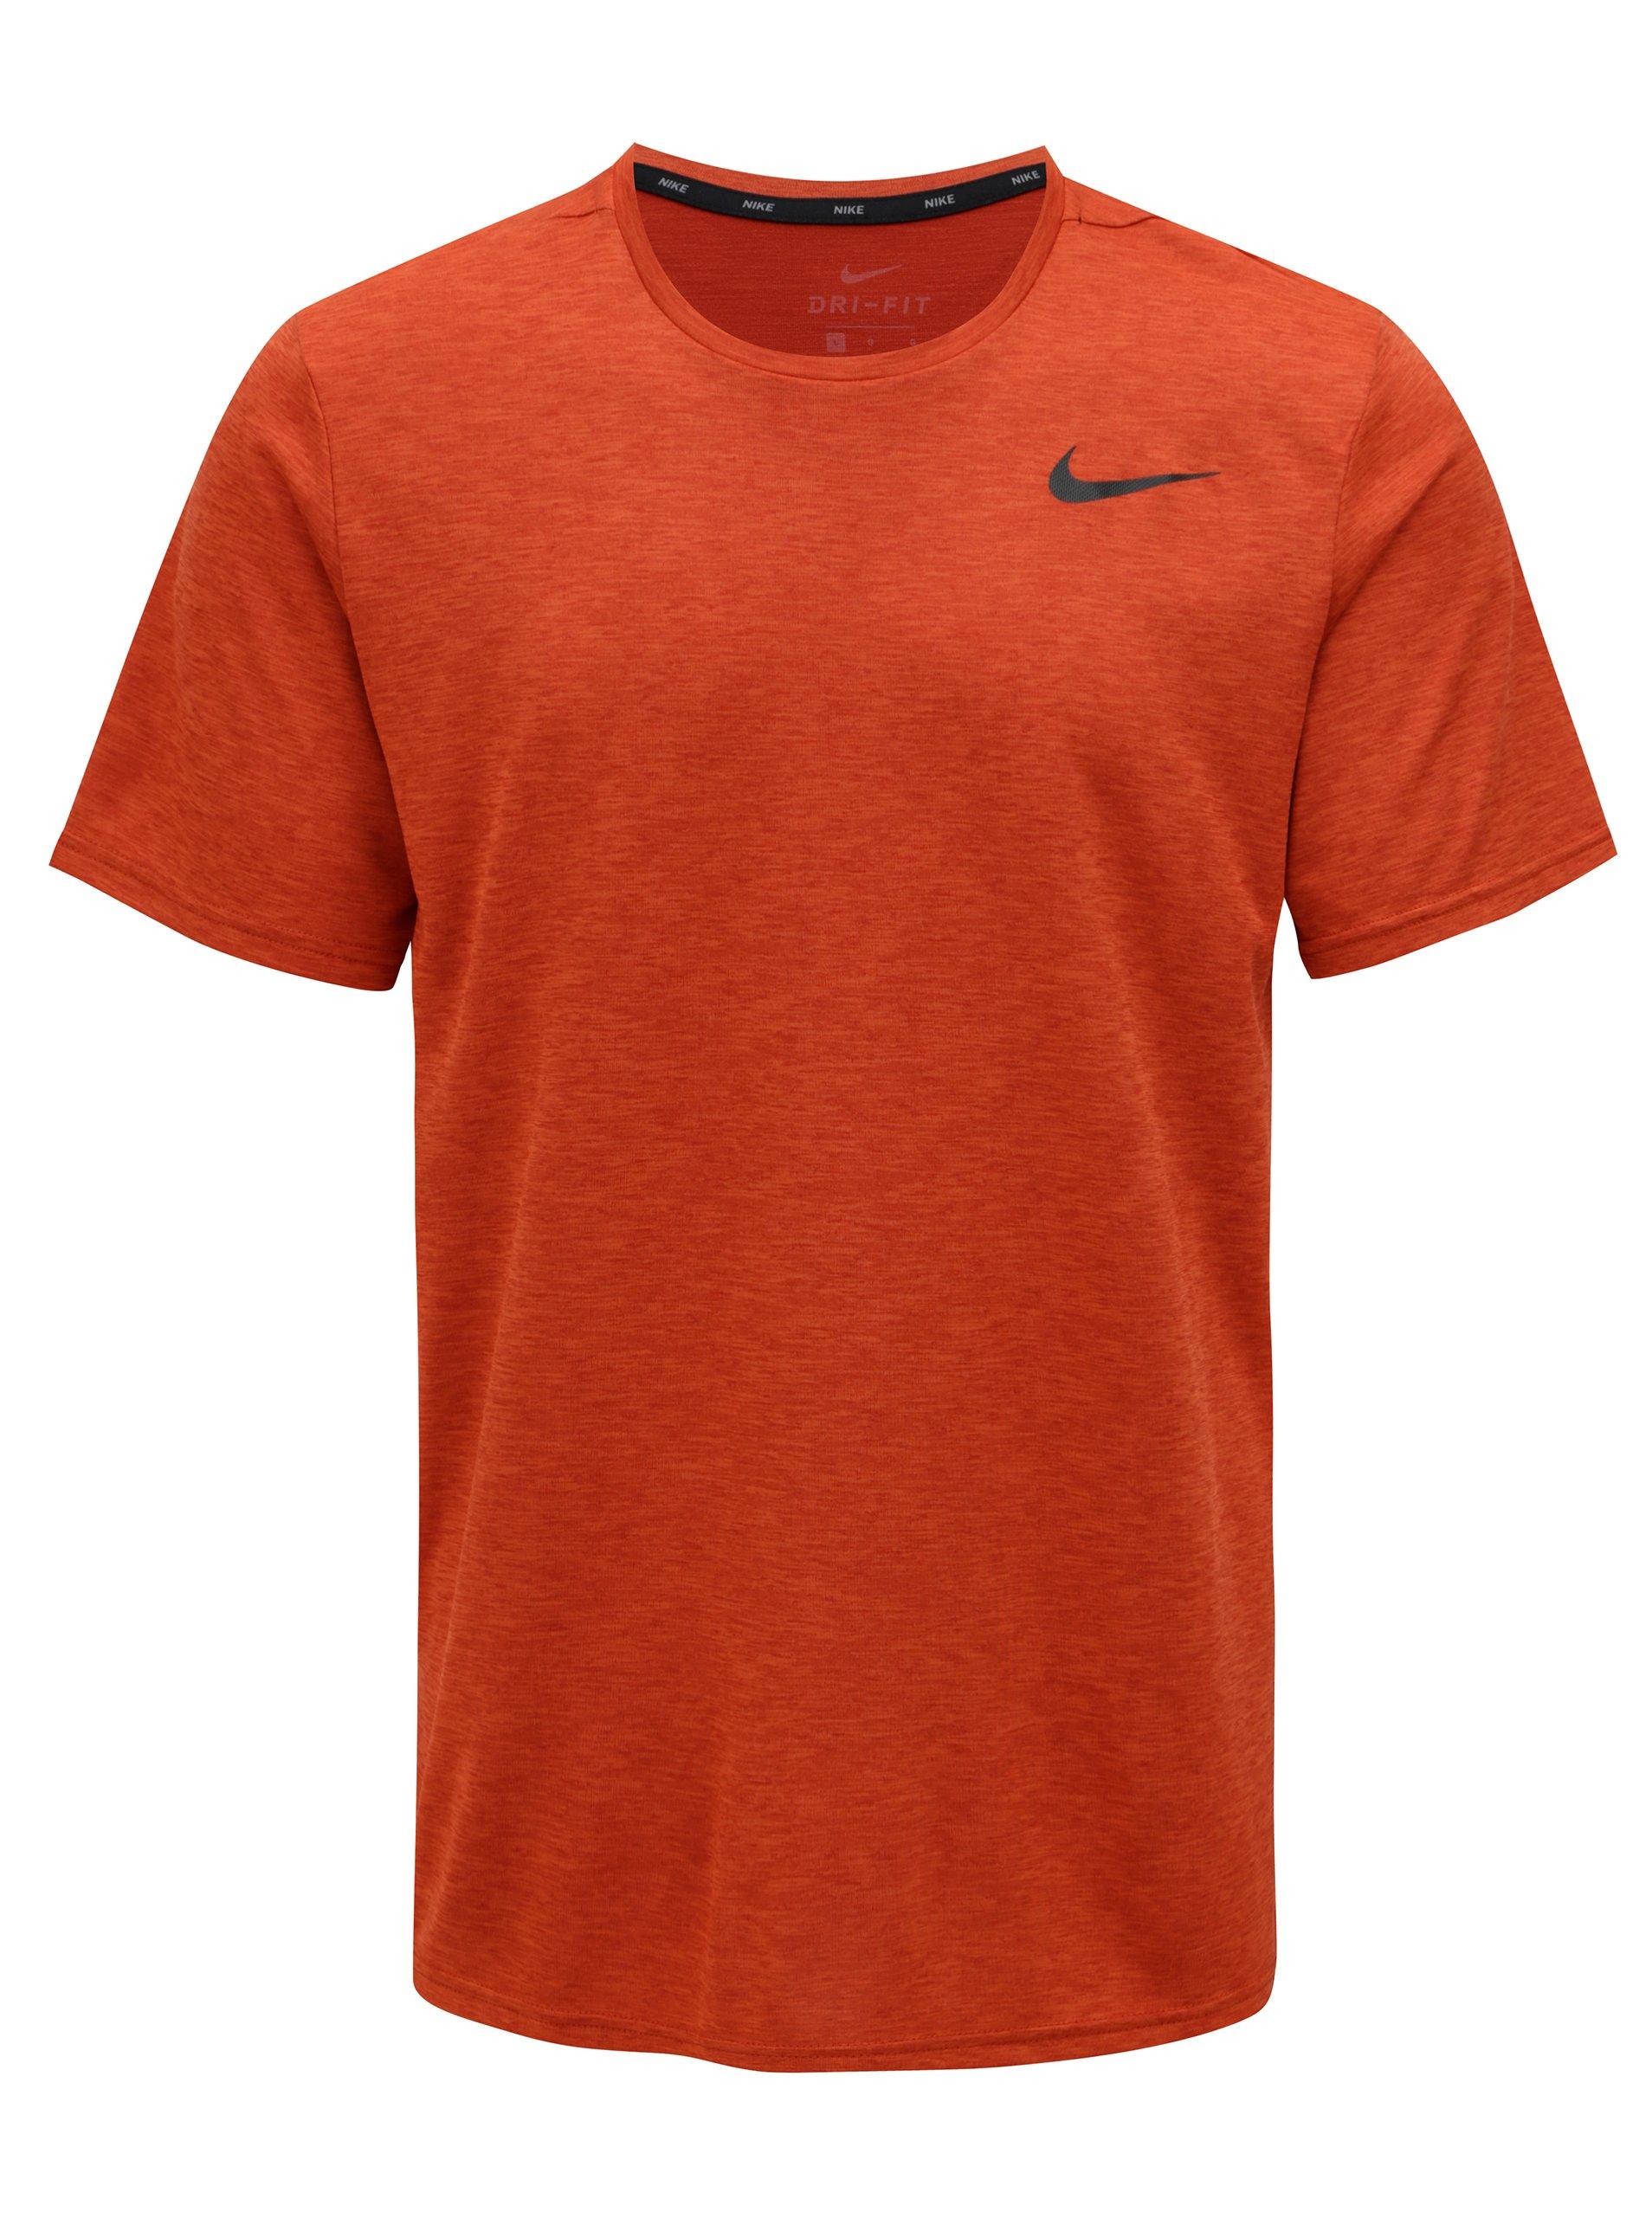 adbc749e61d4 Tehlové pánske funkčné tričko s potlačou loga Nike